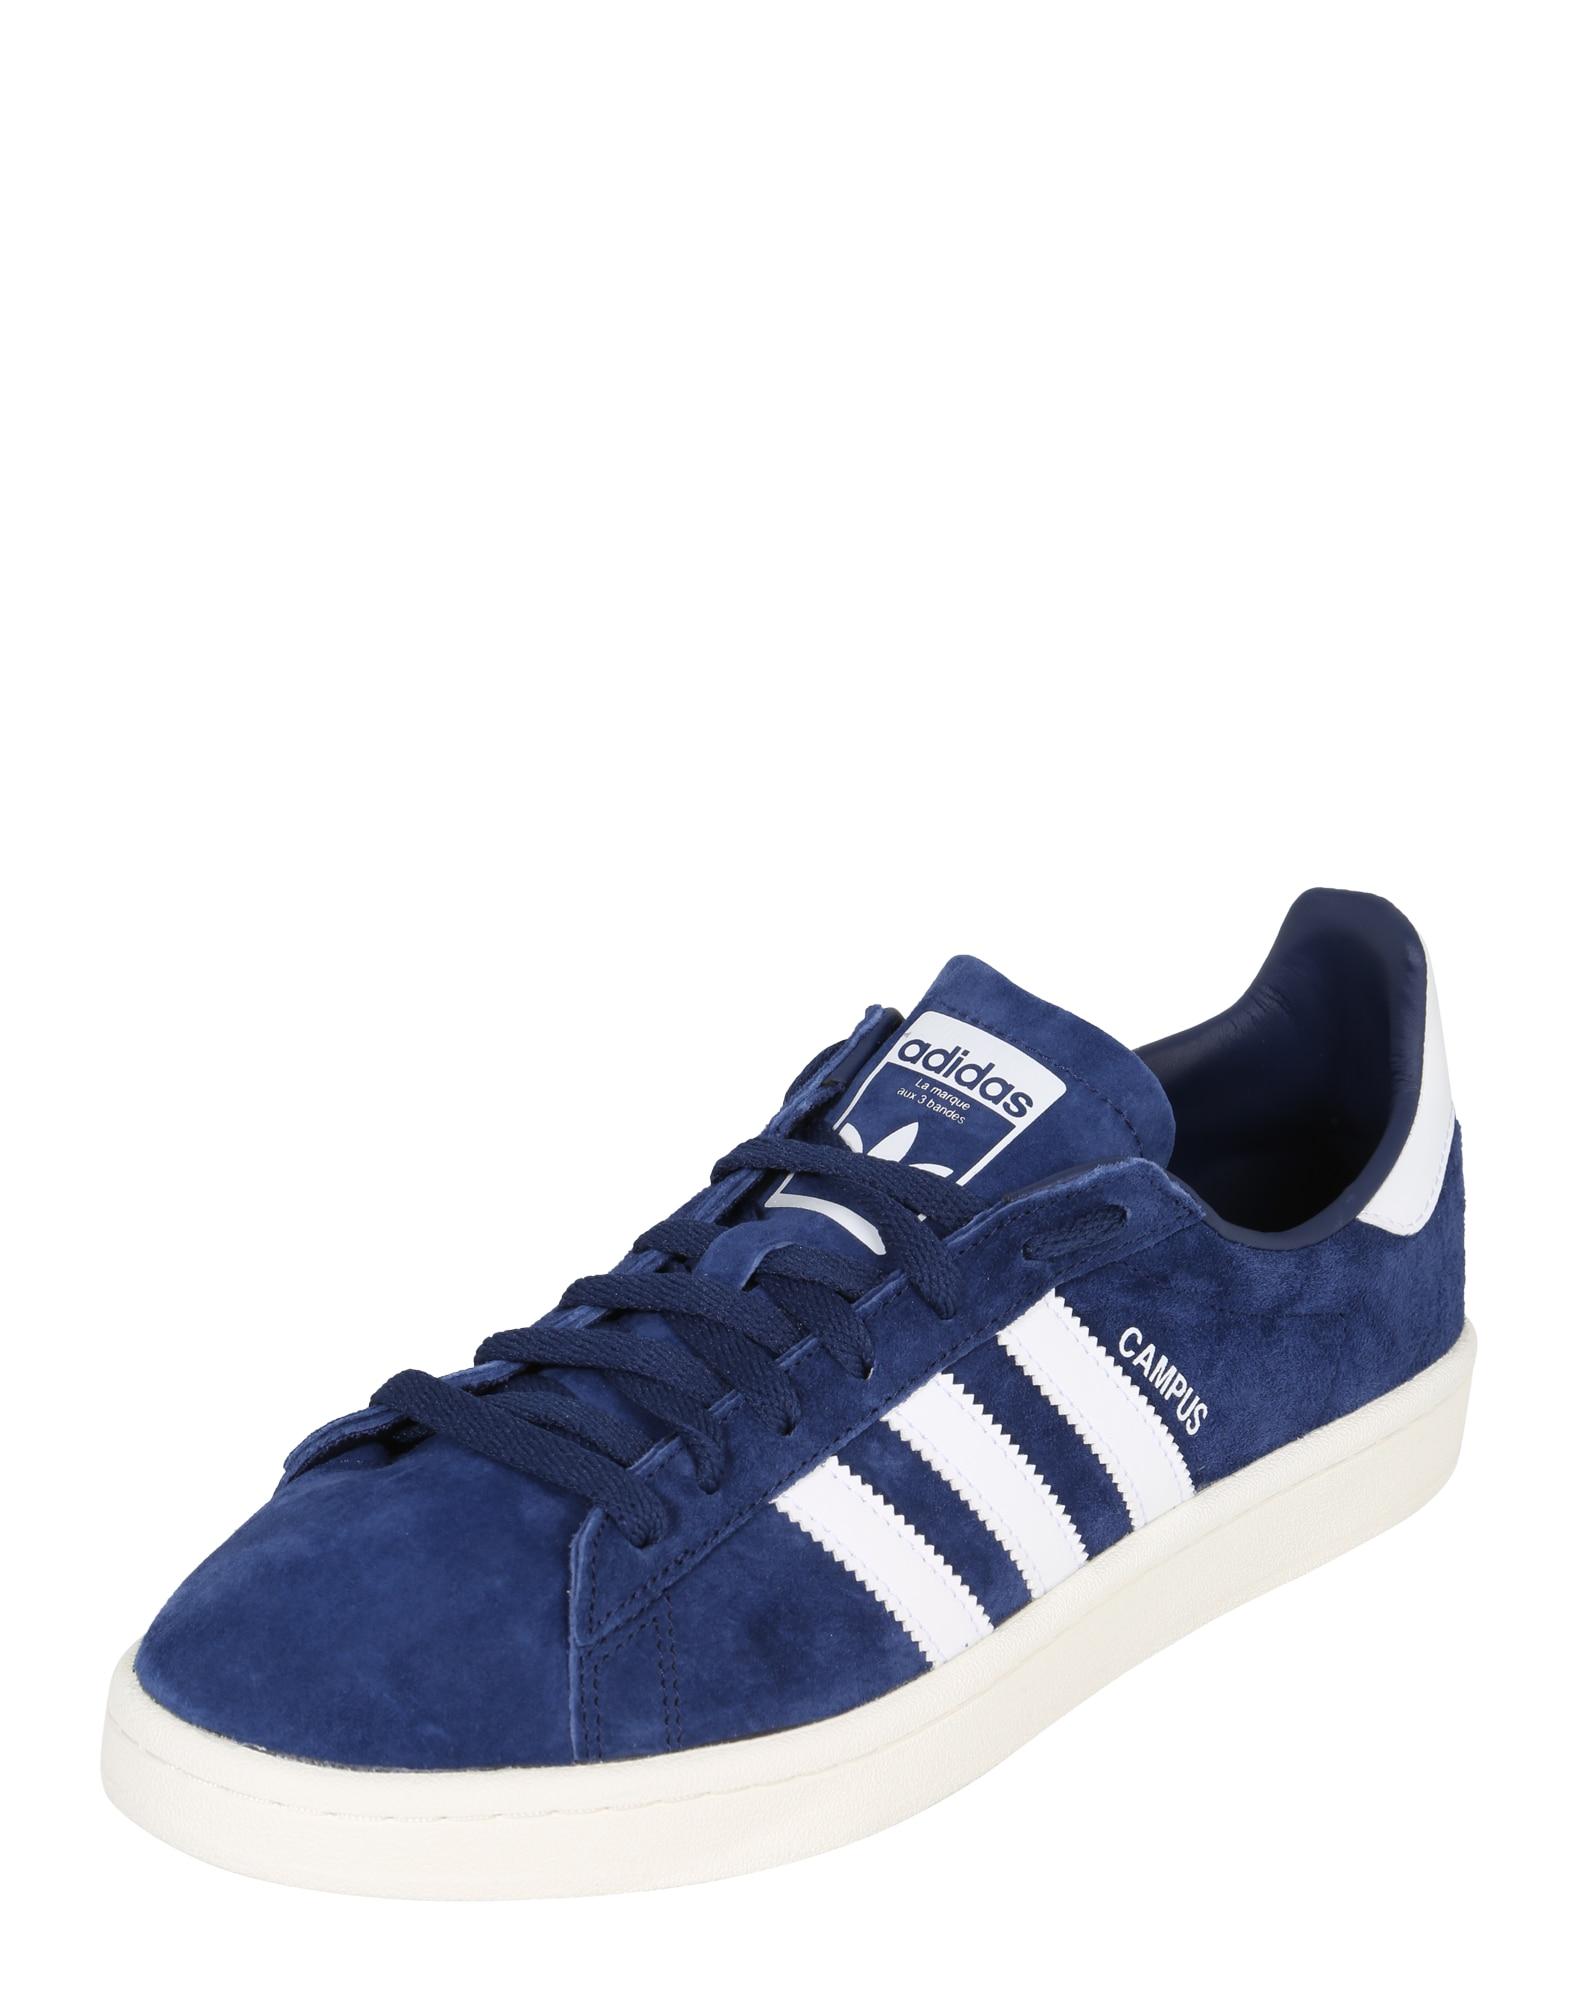 ADIDAS ORIGINALS, Heren Sneakers laag 'Campus', blauw / wit